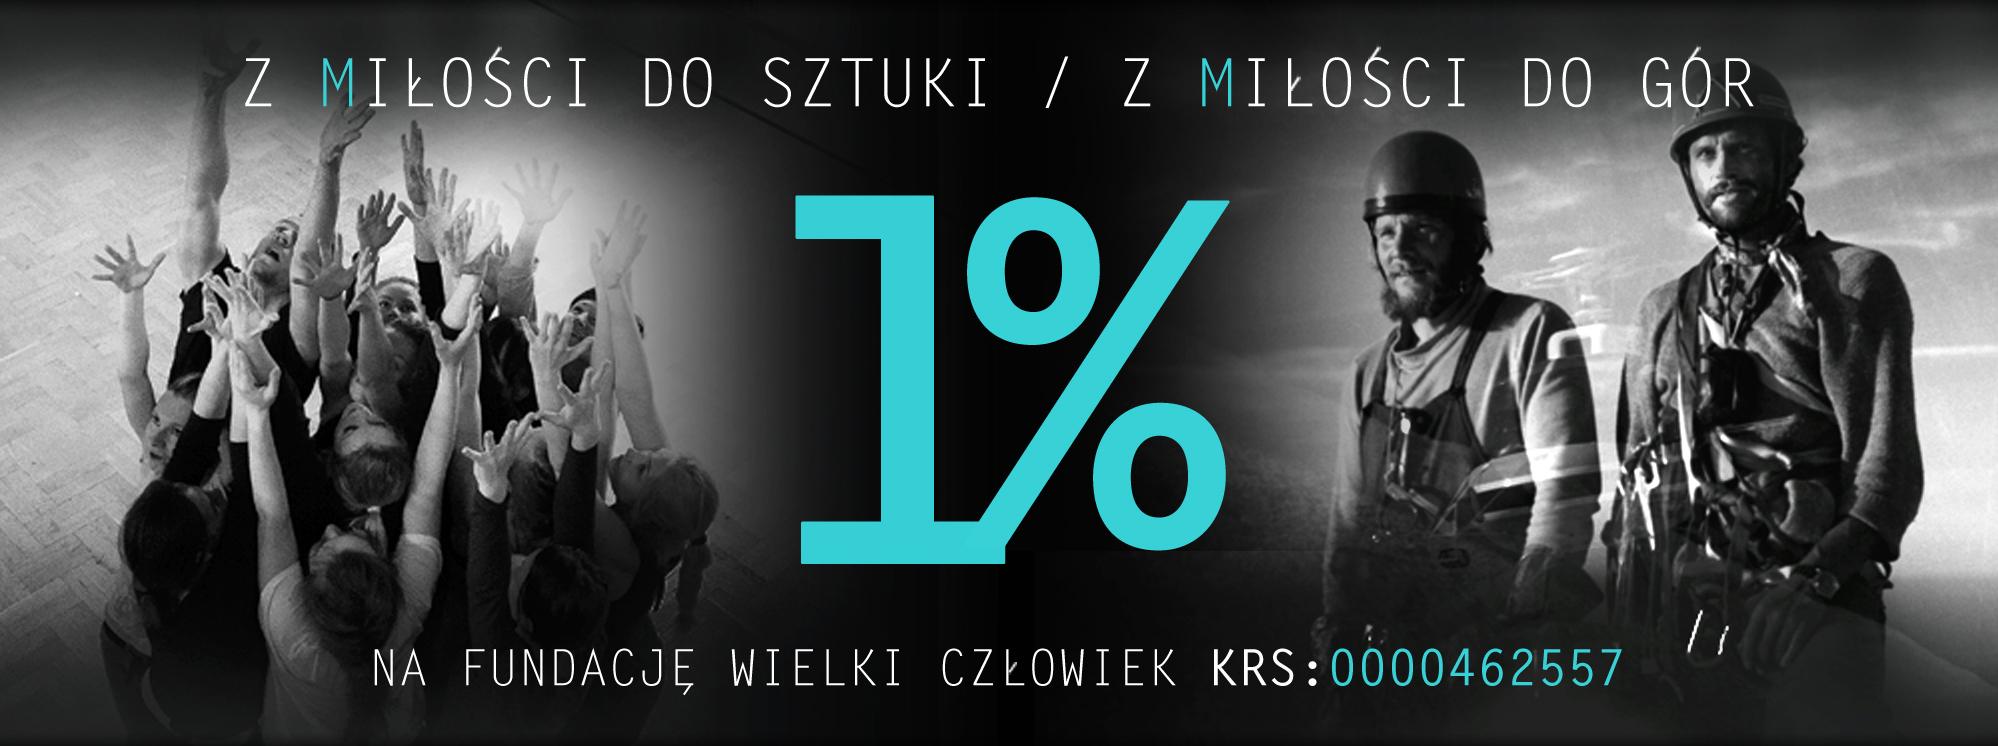 Twój 1% dla Fundacji Wielki Człowiek!